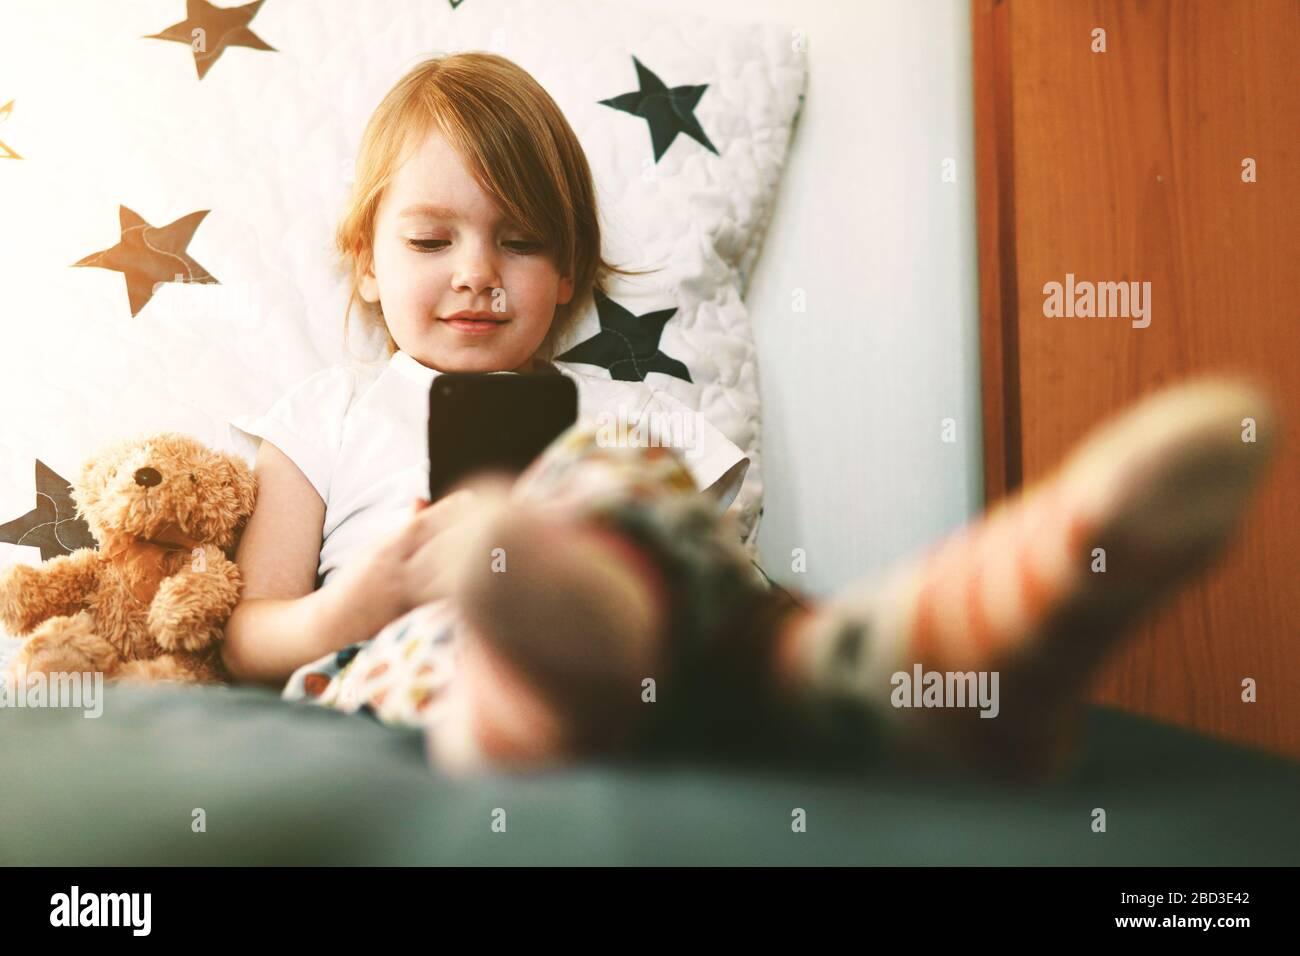 Jolie petite fille souriante avec smartphone dans les mains. Concept de chat vidéo, de regarder des vidéos ou de jouer à des jeux. Banque D'Images